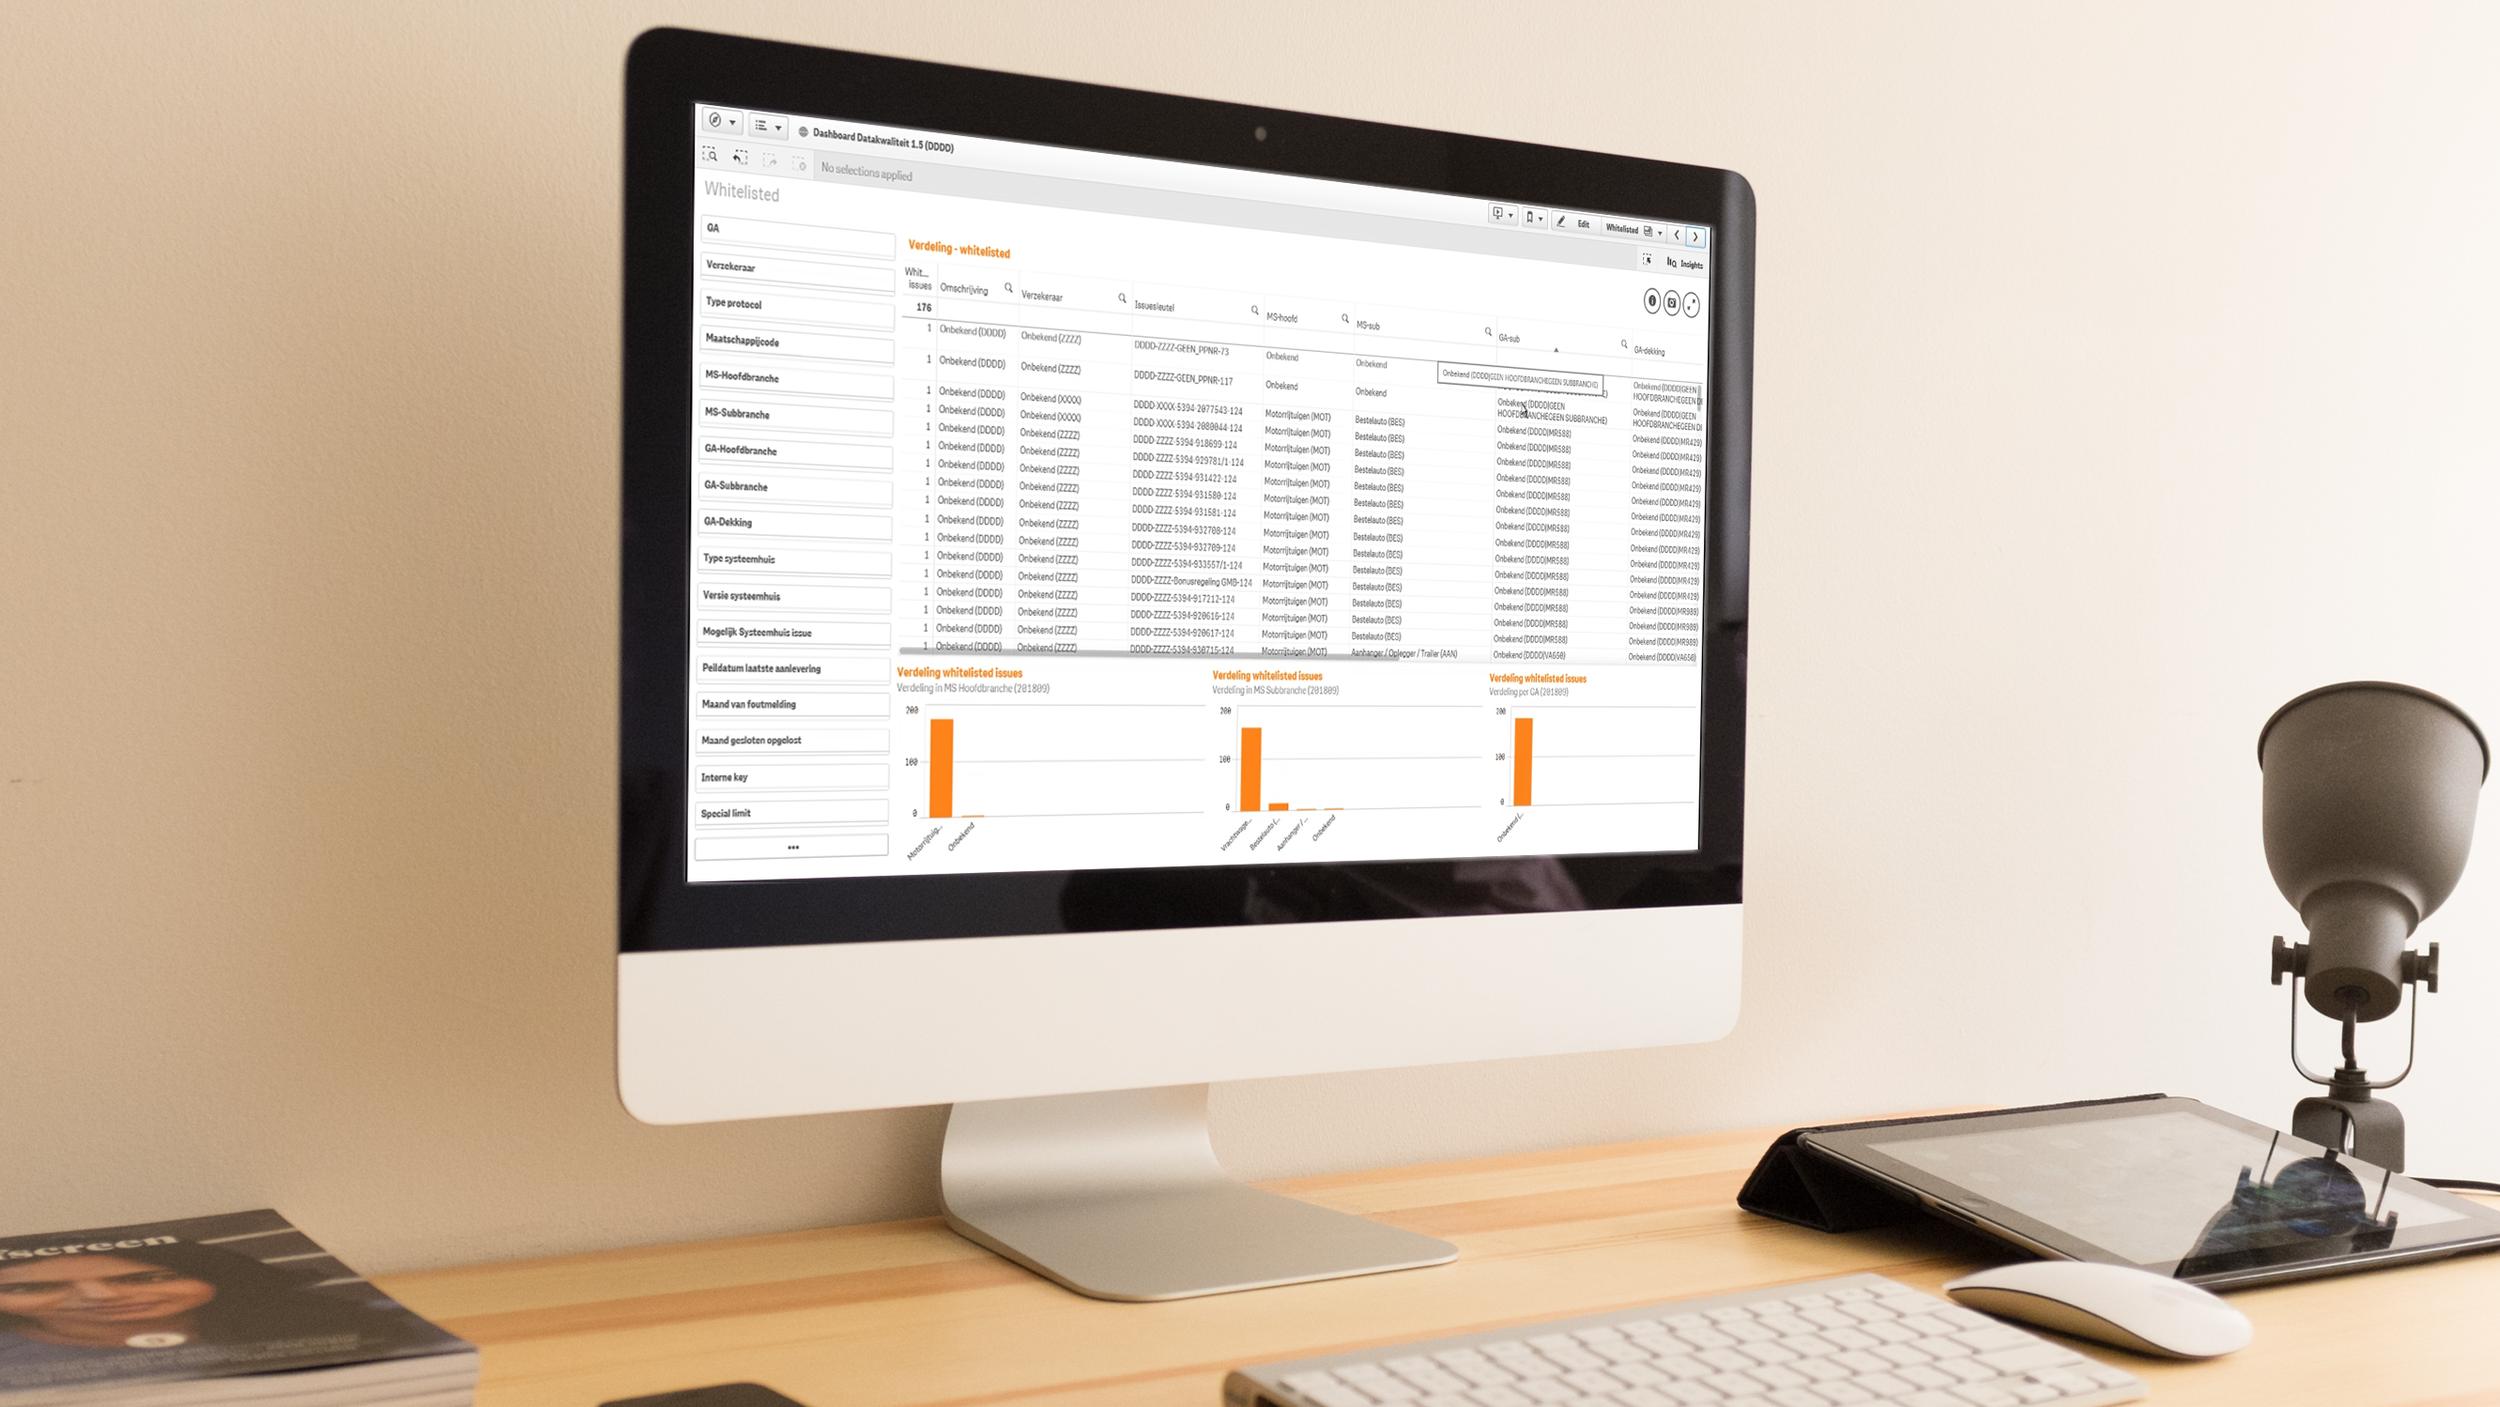 Datakwaliteit Monitor Volmachten (DMV) - - Standaard oplossingen voor het volmachtkanaal- Inclusief dashboard voor monitoring status en ontwikkeling van datakwaliteit- Businessrule rapportages- Inclusief online ondersteuning- WhitelistingDriving control